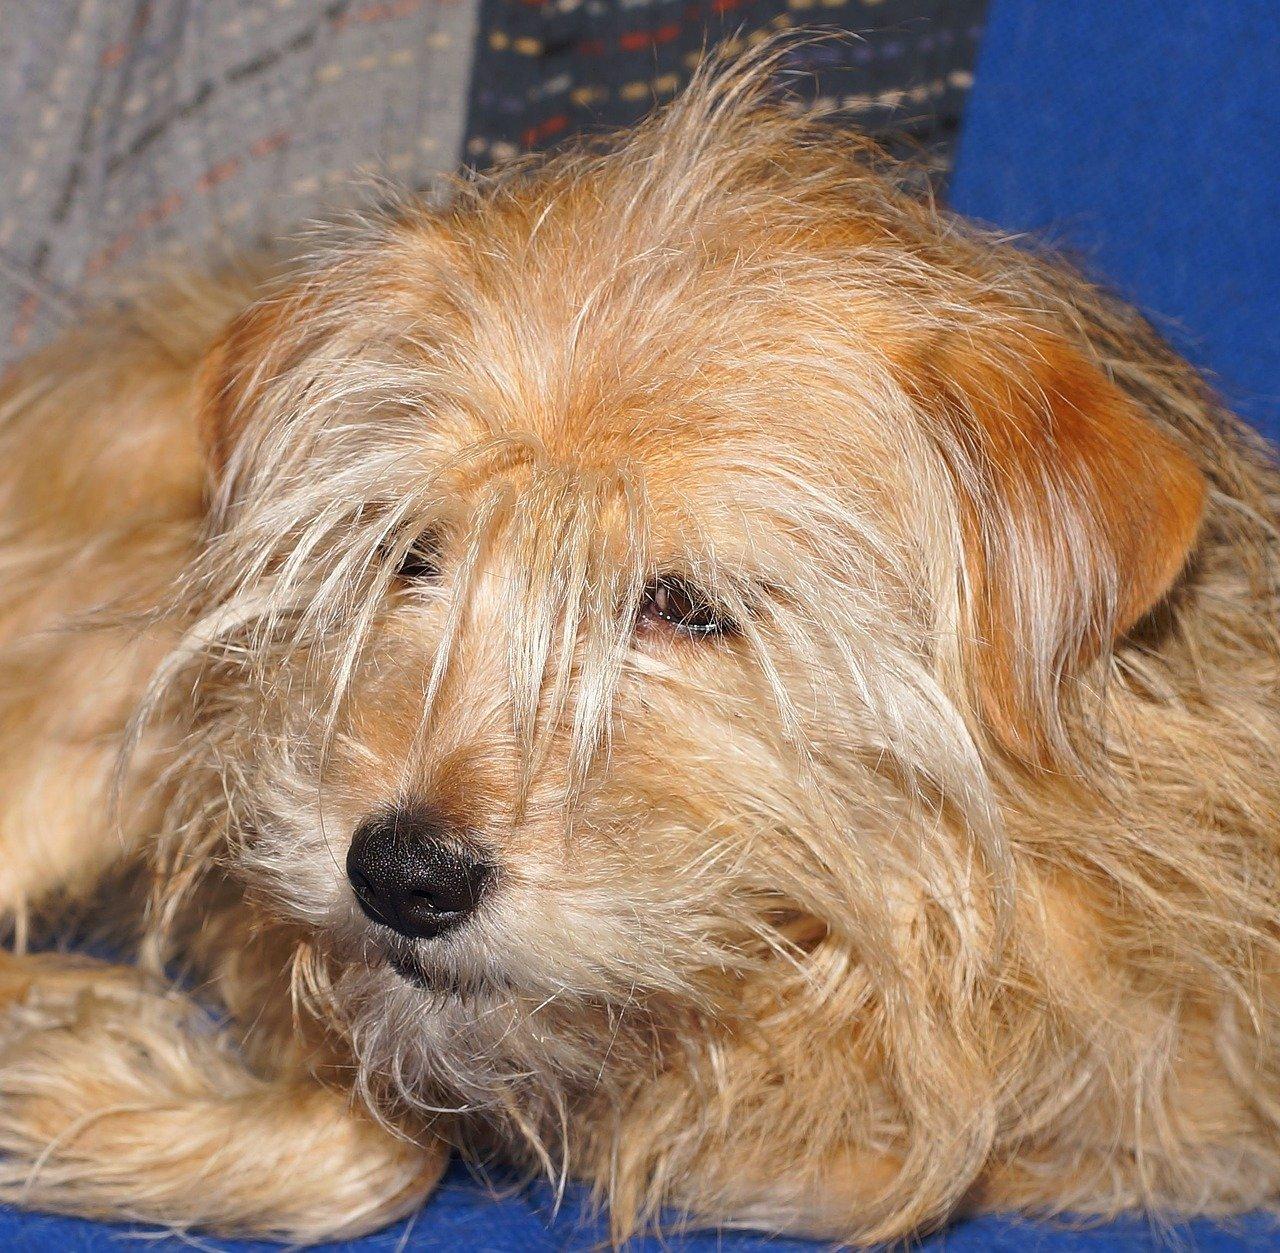 La malattia di Von Willebrand nei cani cause e sintomi